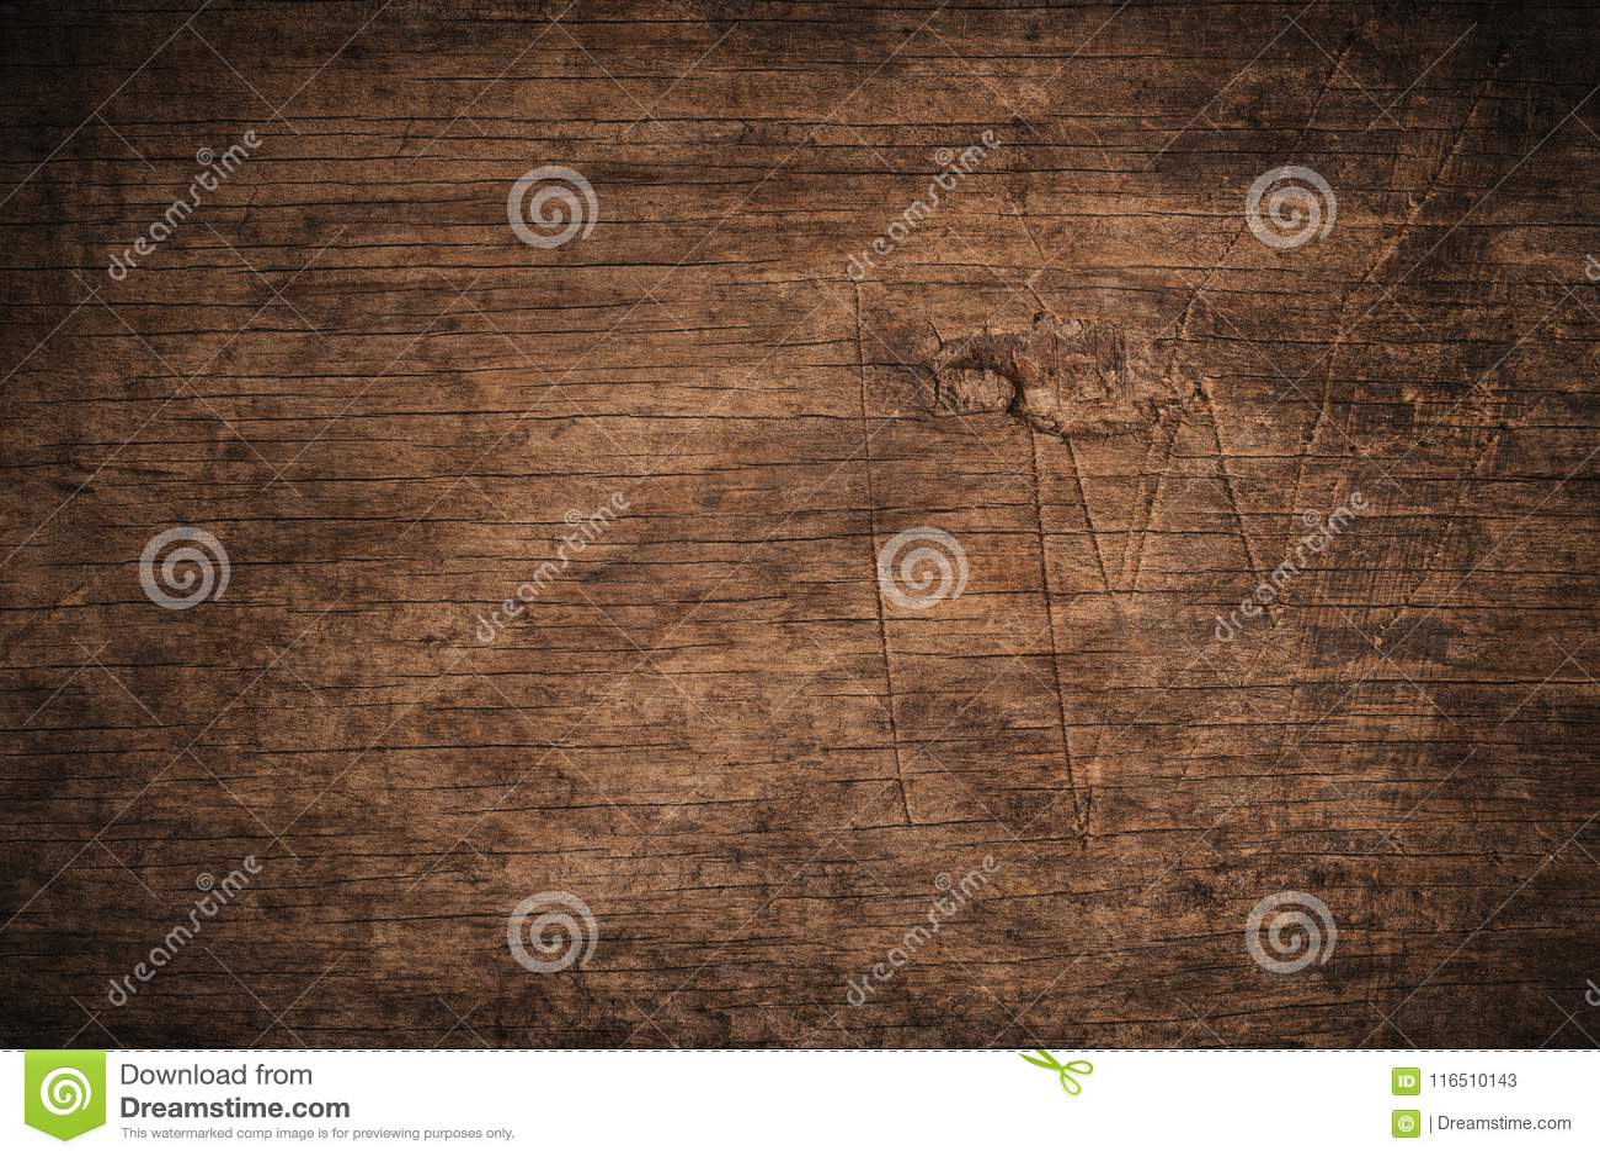 Oude grunge donkere geweven houten achtergrond, de oppervlakte van de oude bruine houten textuur, het hoogste mening bruine houte